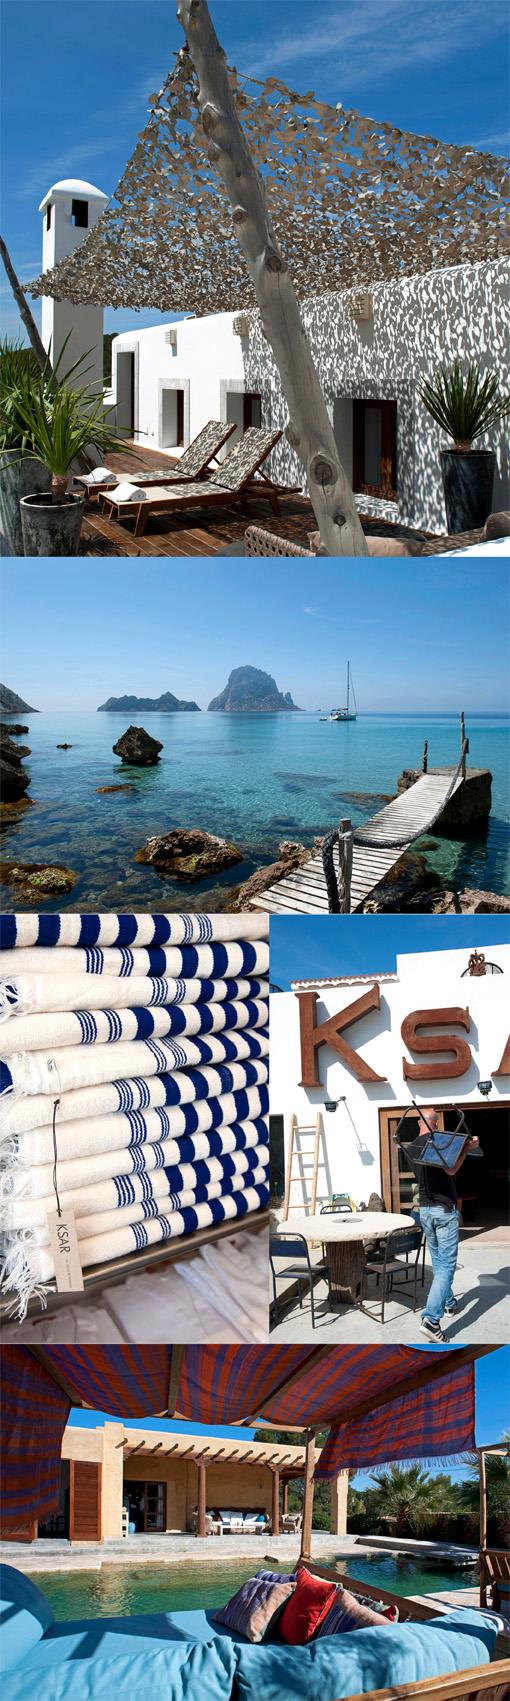 huis huren op Ibiza, KsaR Living, Harissa Style, vakantie Ibiza, reizen Ibiza, vakantie boeken, eiland, Tekst Eric Govers, Fotografie Liesbeth Govers - van der Wal